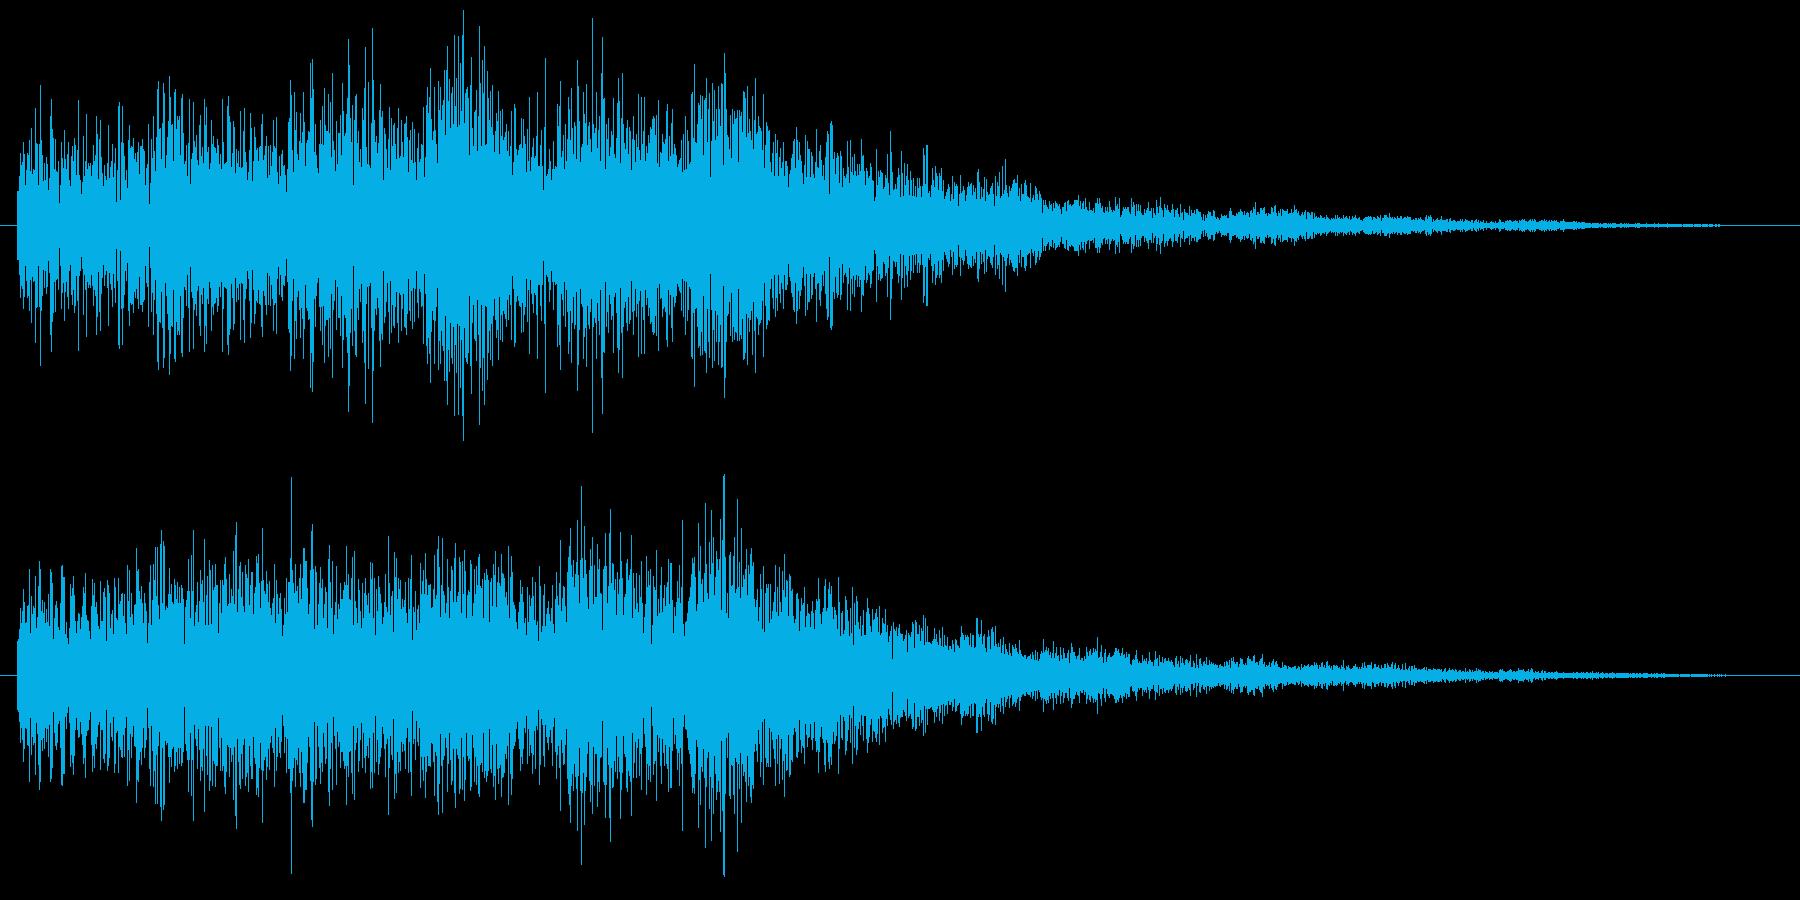 ミス 失敗 ゲームオーバー コミカルな音の再生済みの波形